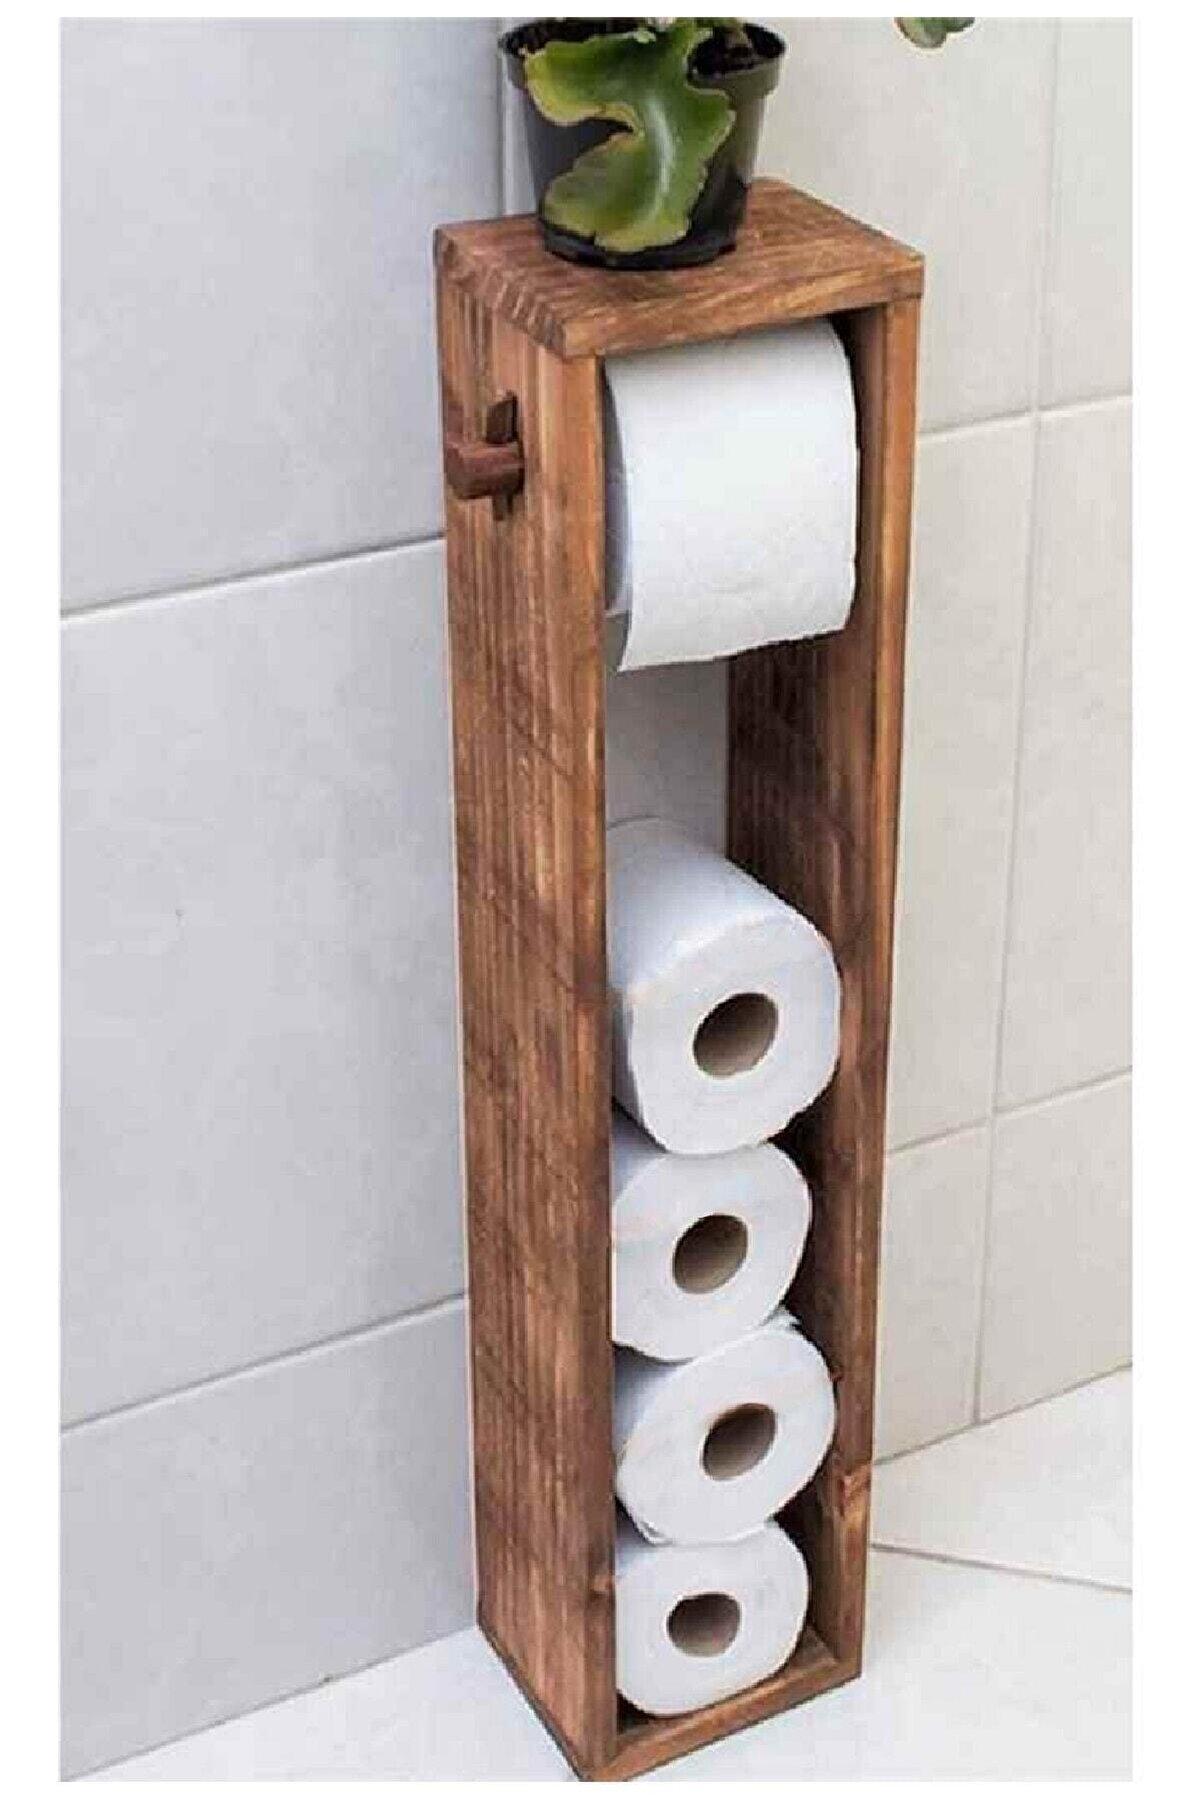 Jest Dekor Wc Kağıtlık Tuvalet Kağıtlığı Ahşap Banyo